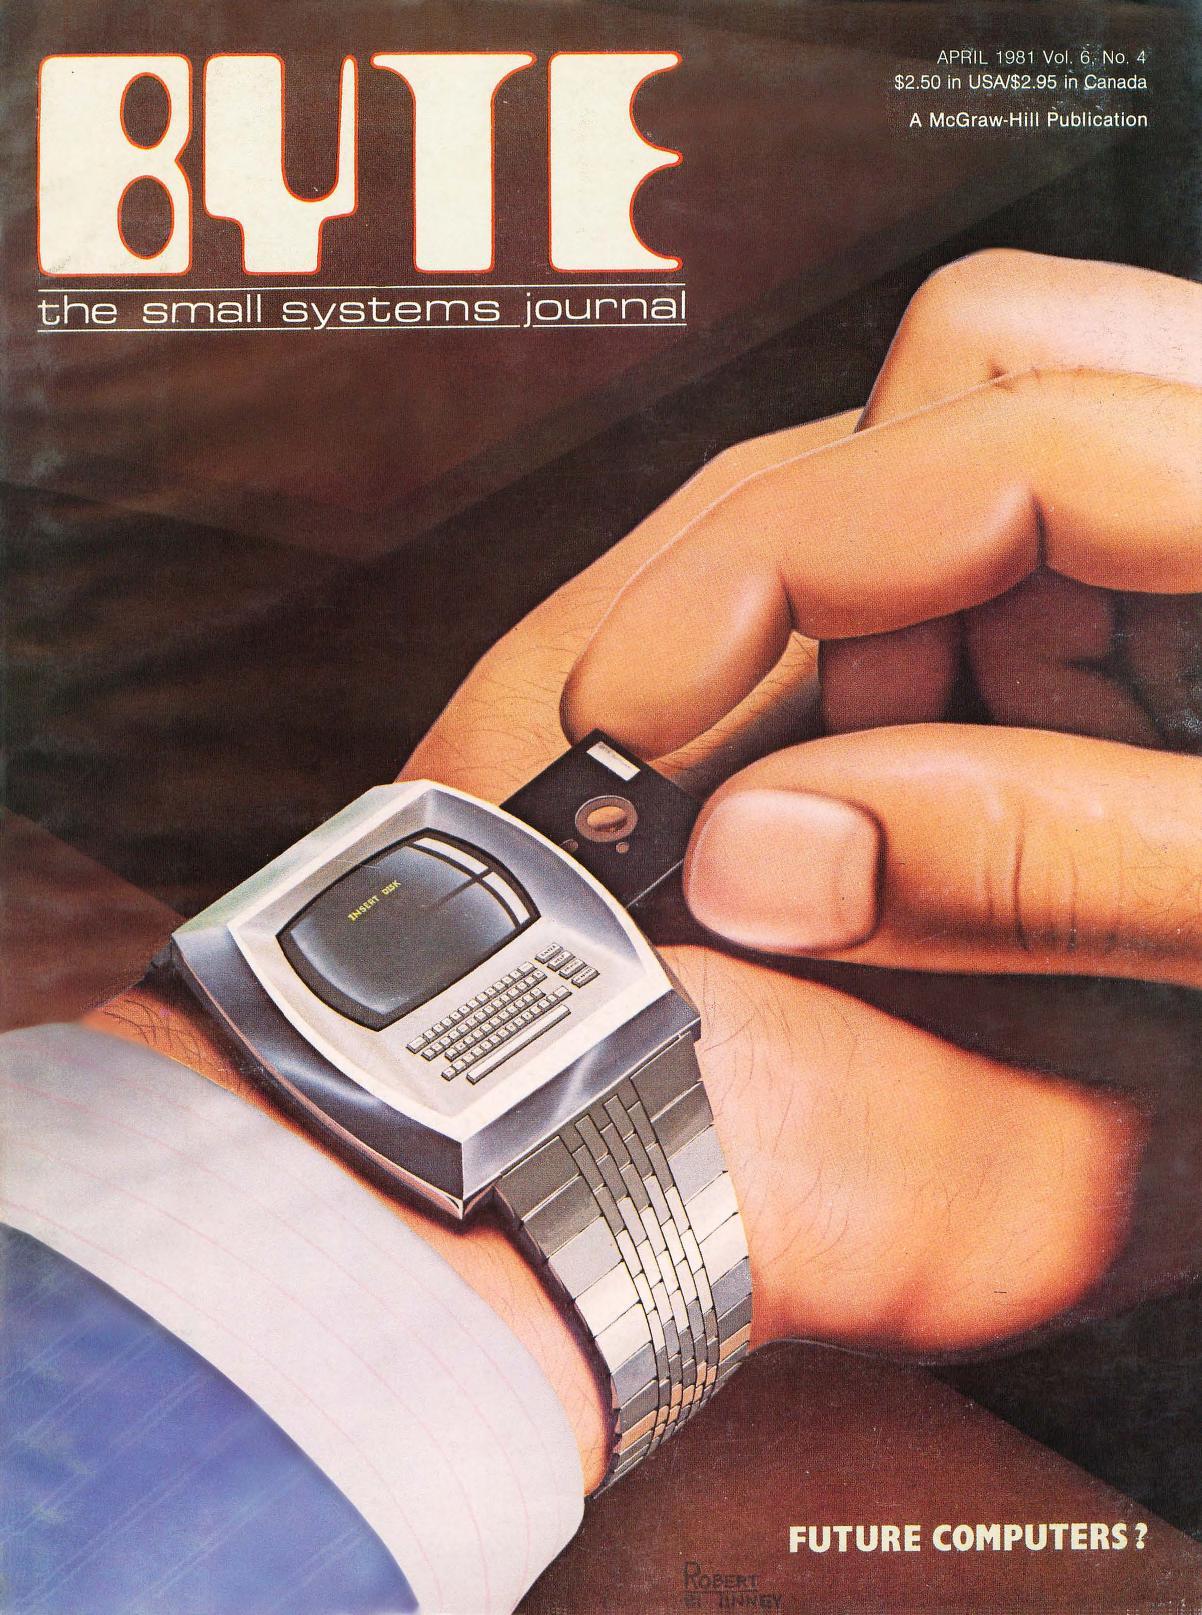 April 1981. Malt av Robert Tinney. Bladet spør om fremtidens datamaskiner kan bæres som en klokke. For noe sprøyt!